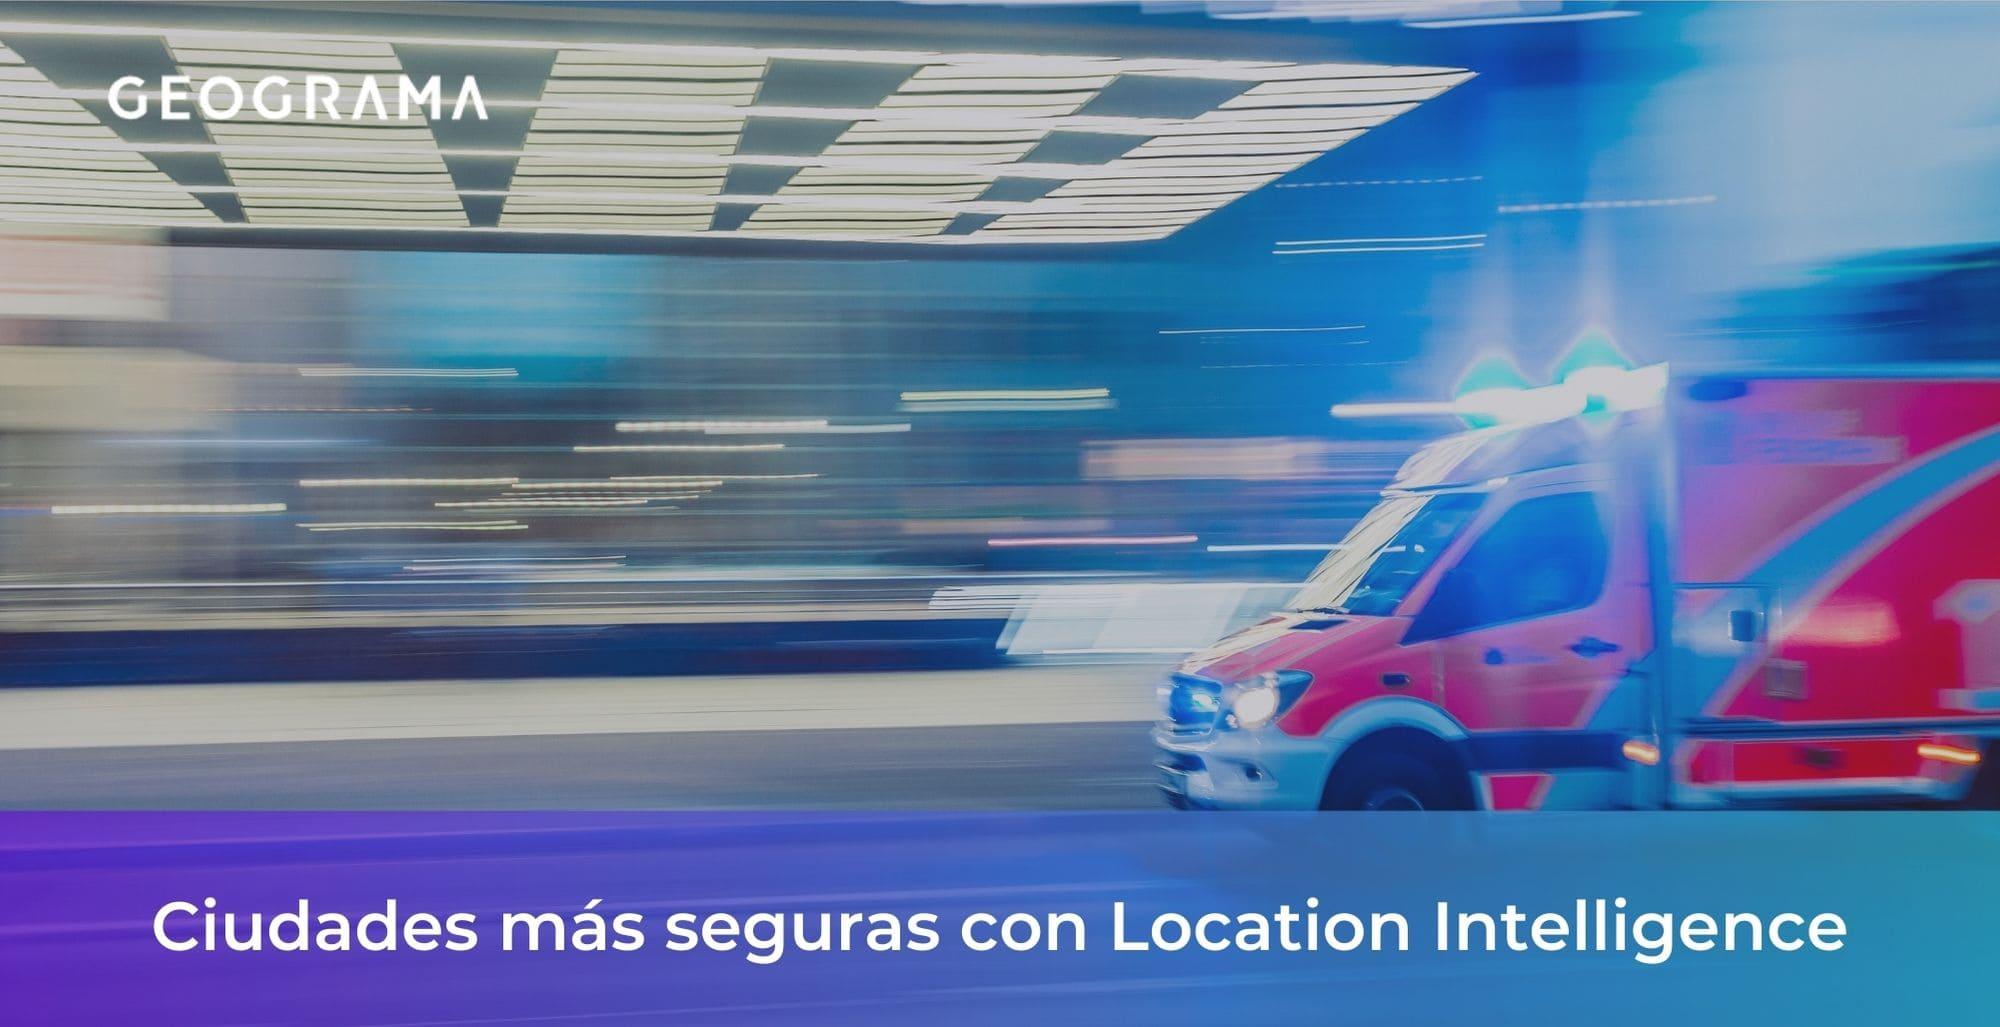 GEOGRAMA - Ciudades más seguras y protegidas con Location Intelligence